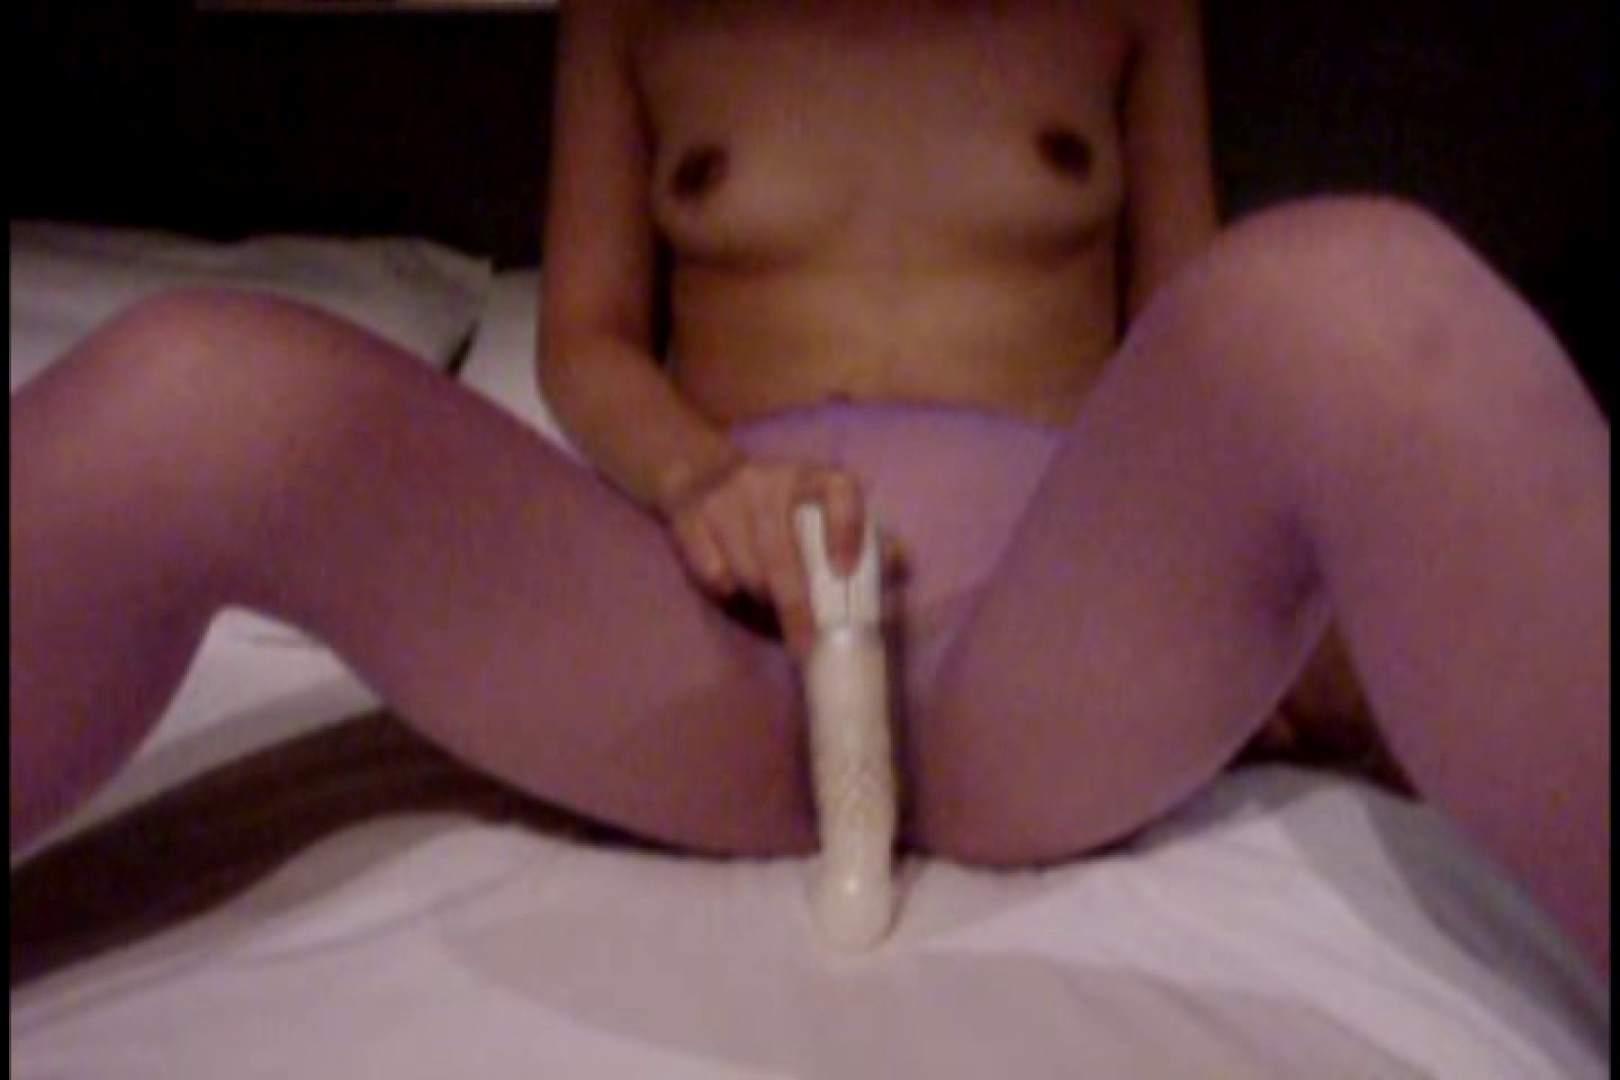 ウイルス流出 九州工学部女子大生藤野瑠美 女子大生  83連発 33